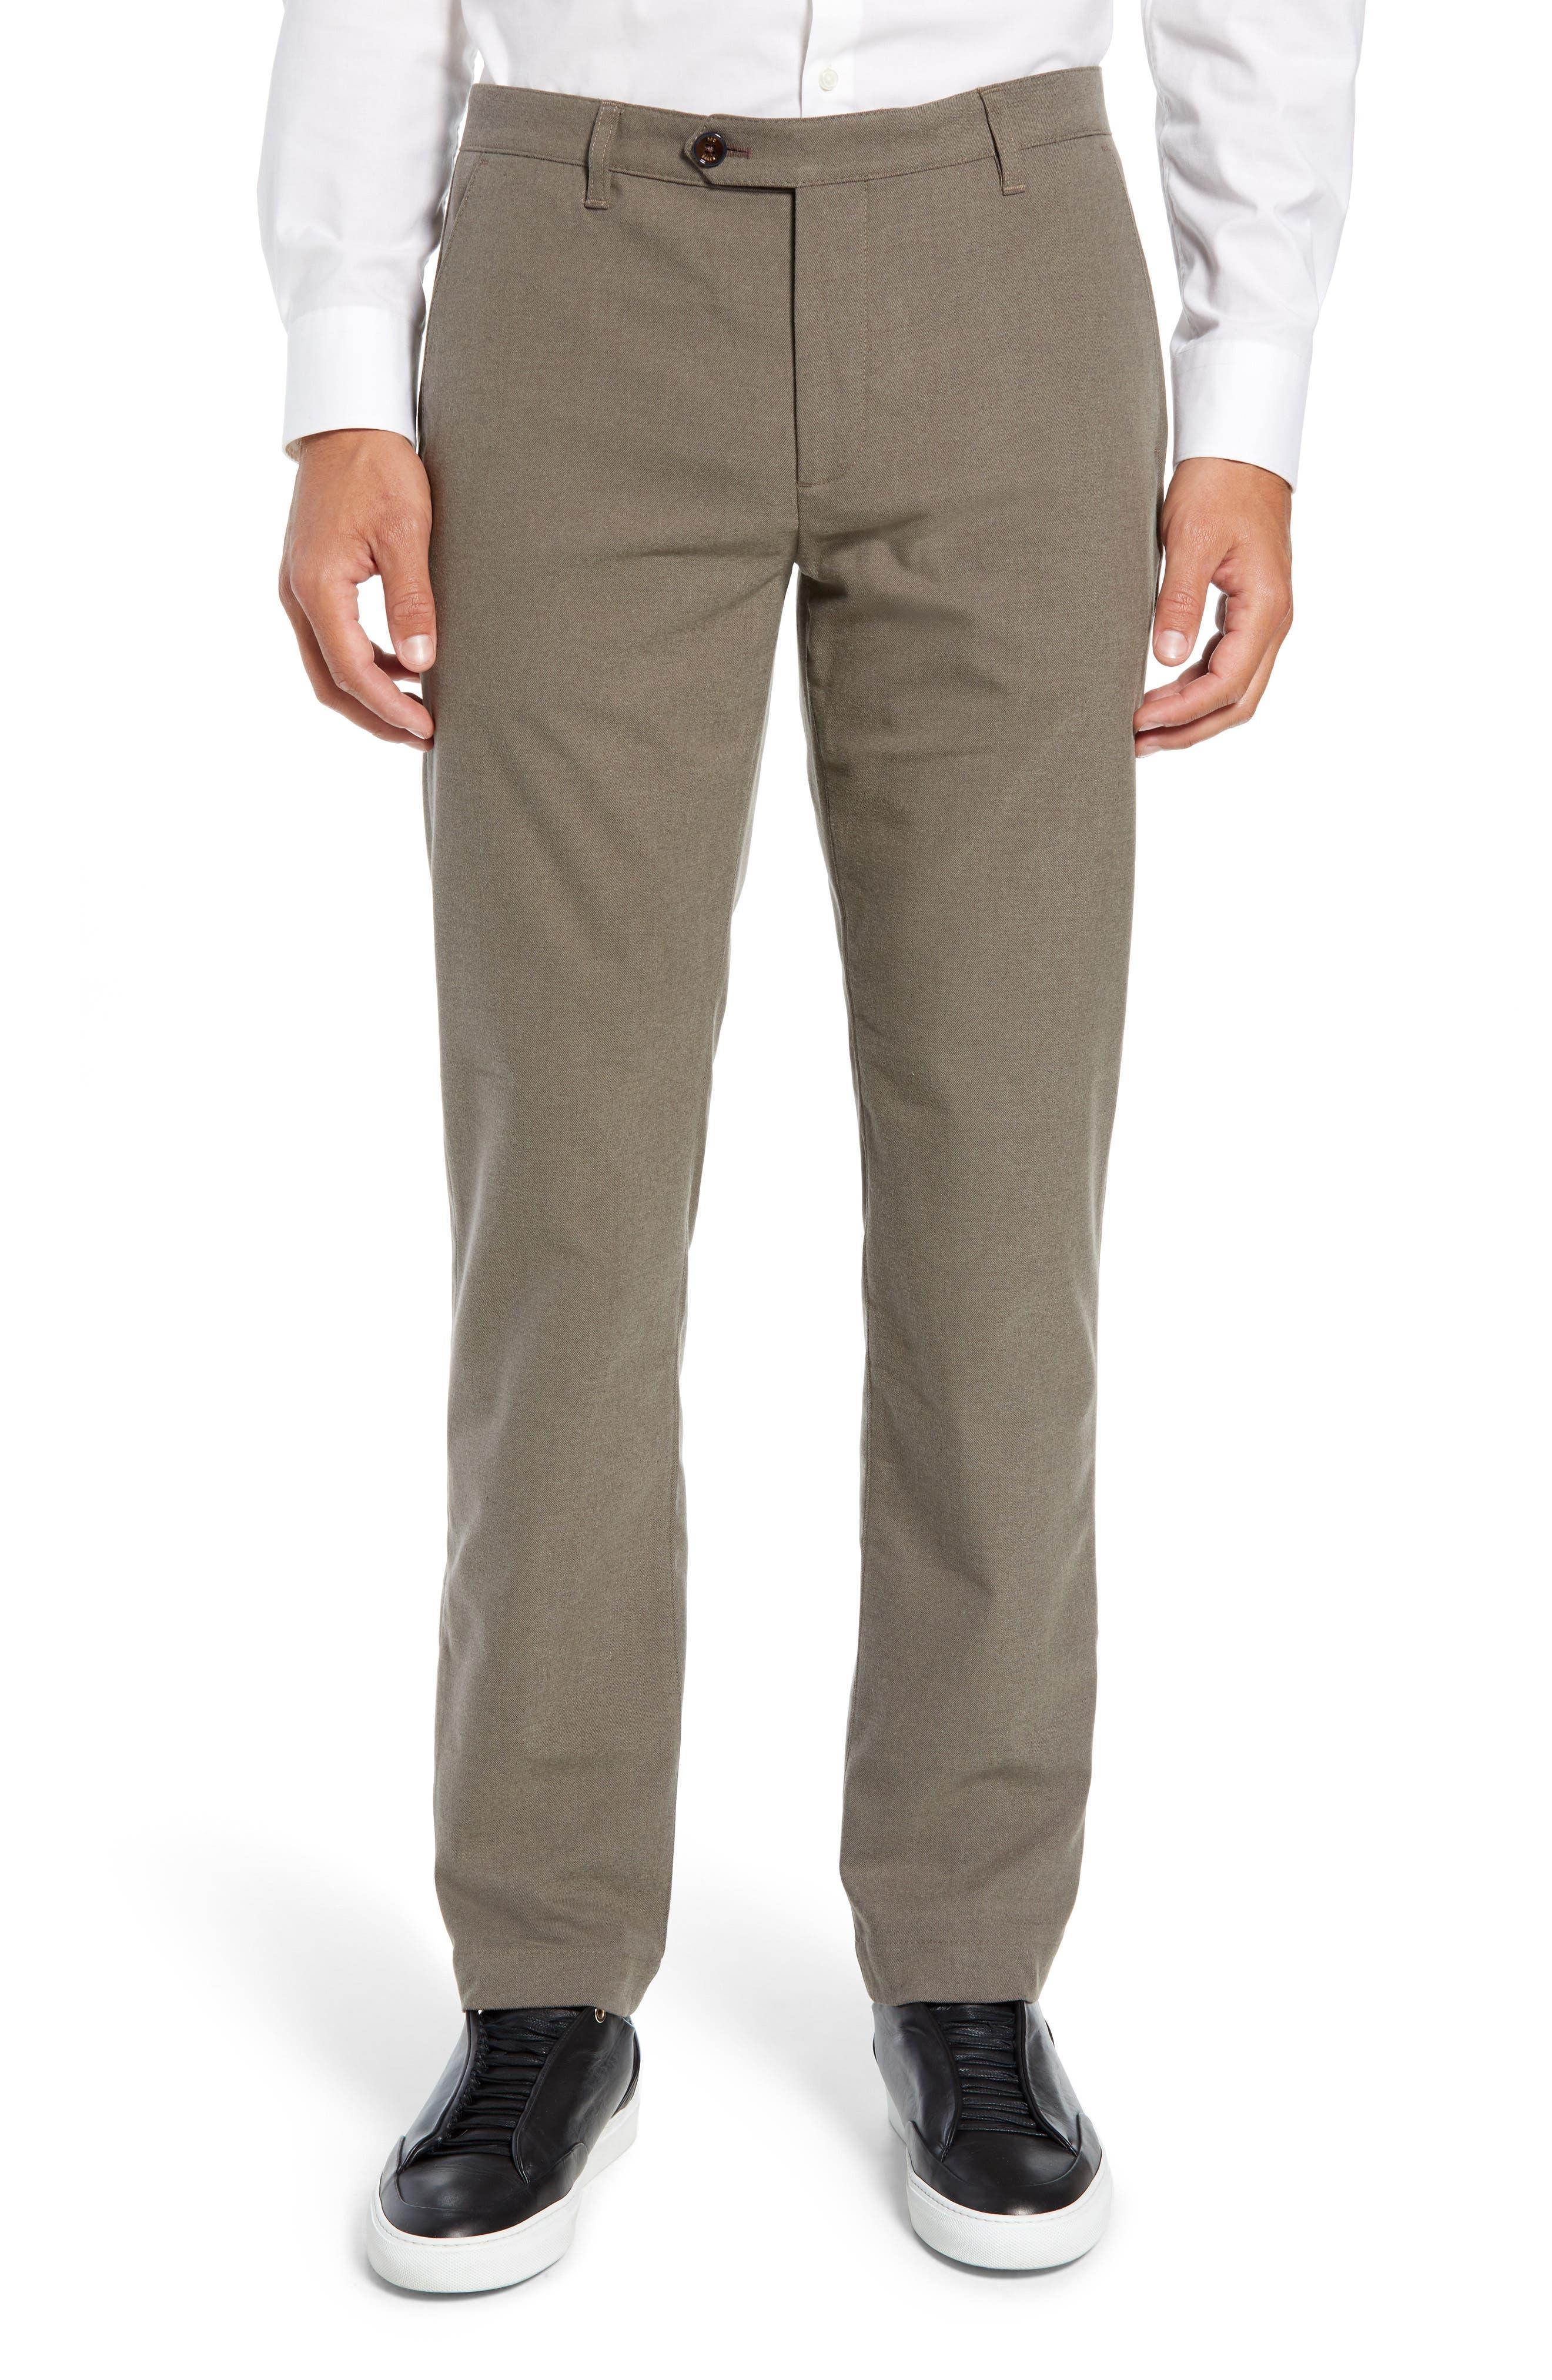 Semplin Slim Fit Brushed Trousers,                         Main,                         color, NATURAL